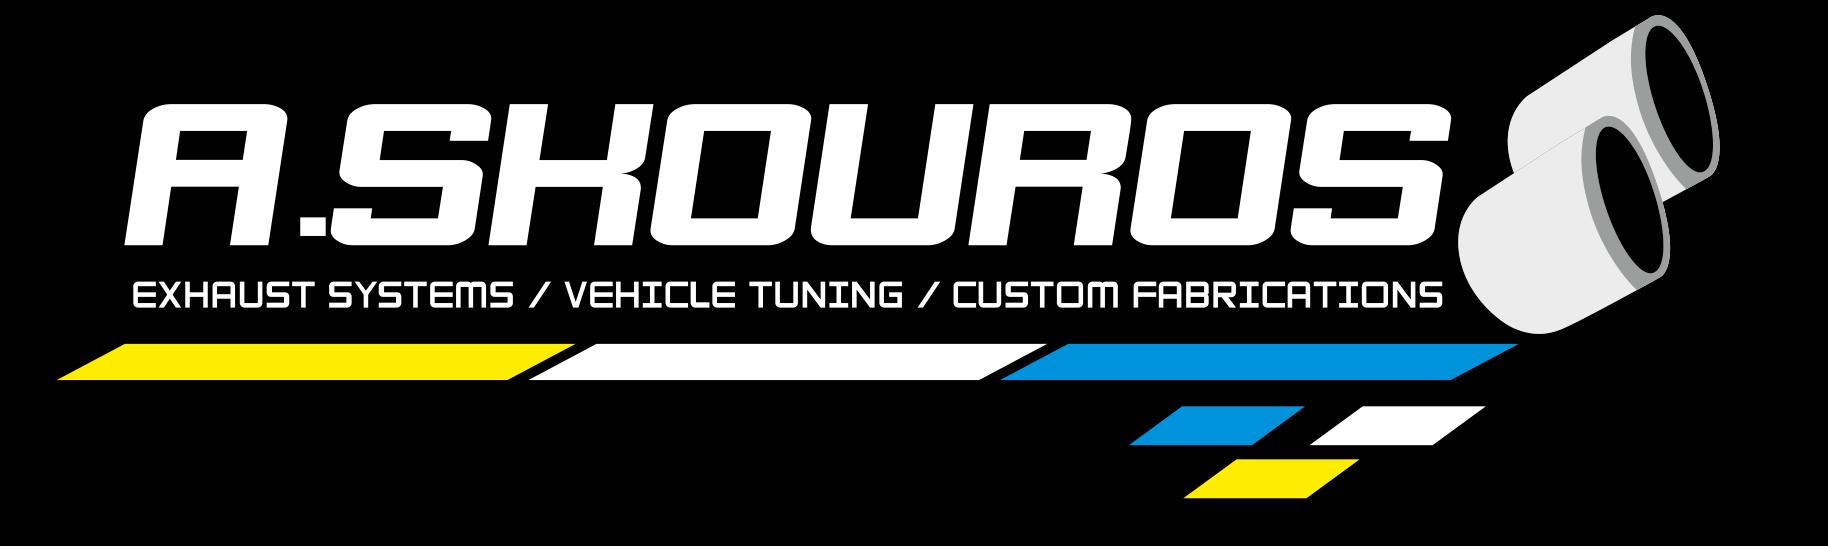 Skouros Exhaust Systems Ltd